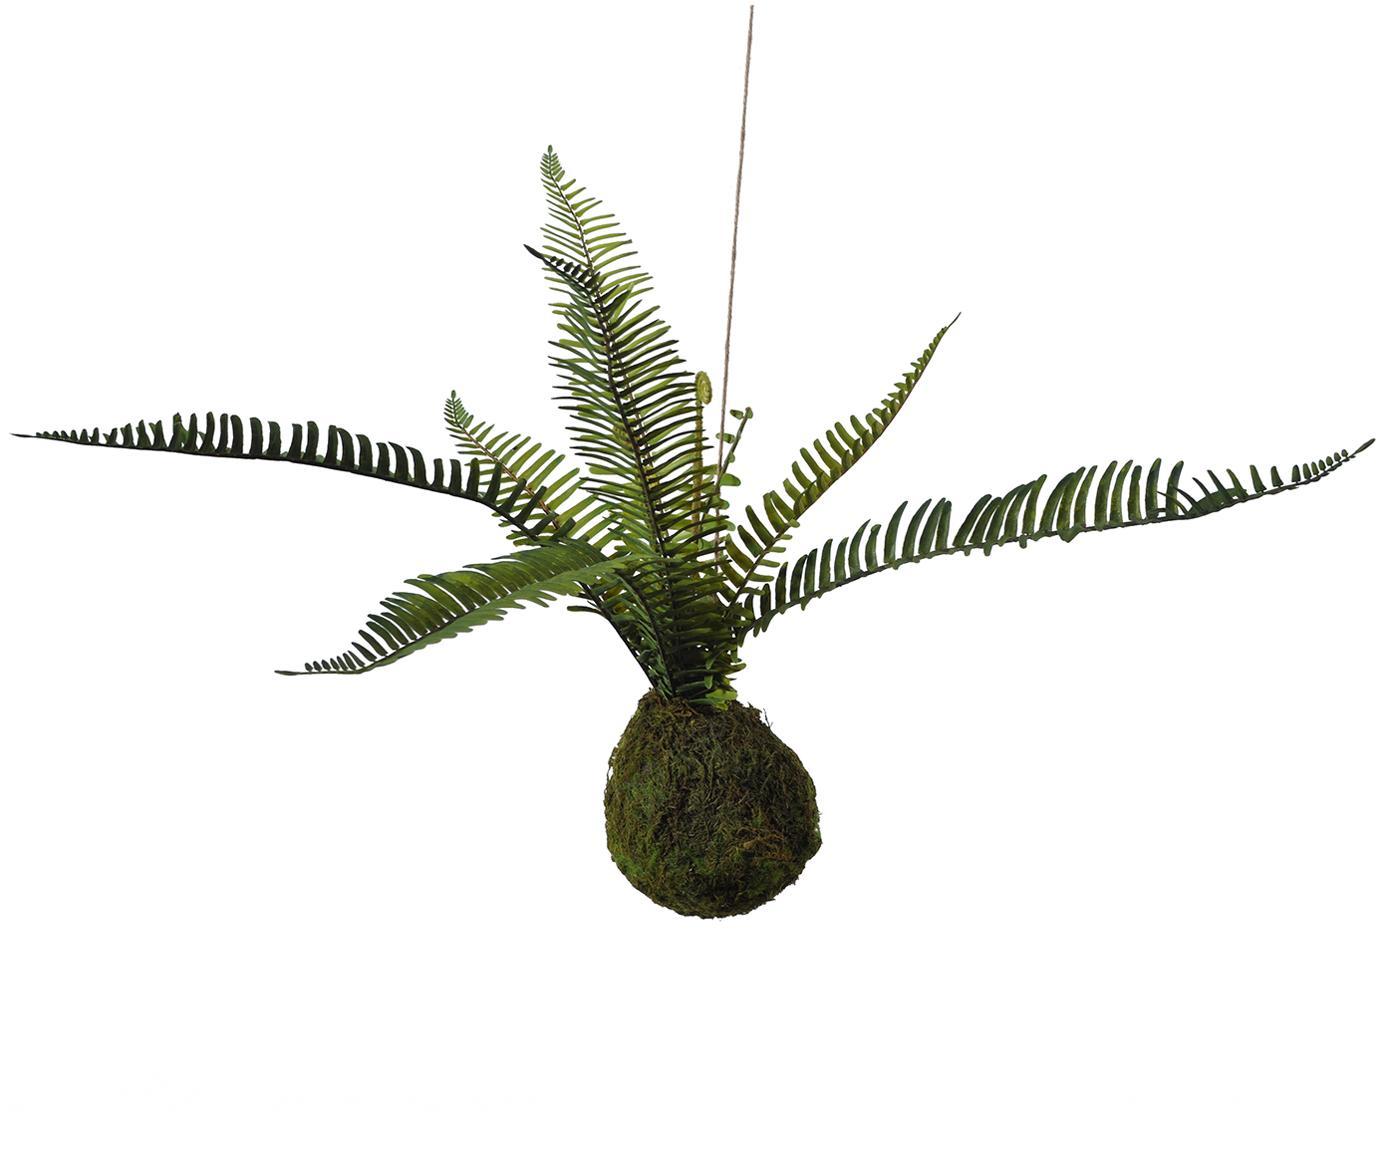 Kunstbloem Fern Fiona, Kunststof, schuimstof, polyester, watergras, sisal, metaal, Groen, bruin, H 55 cm